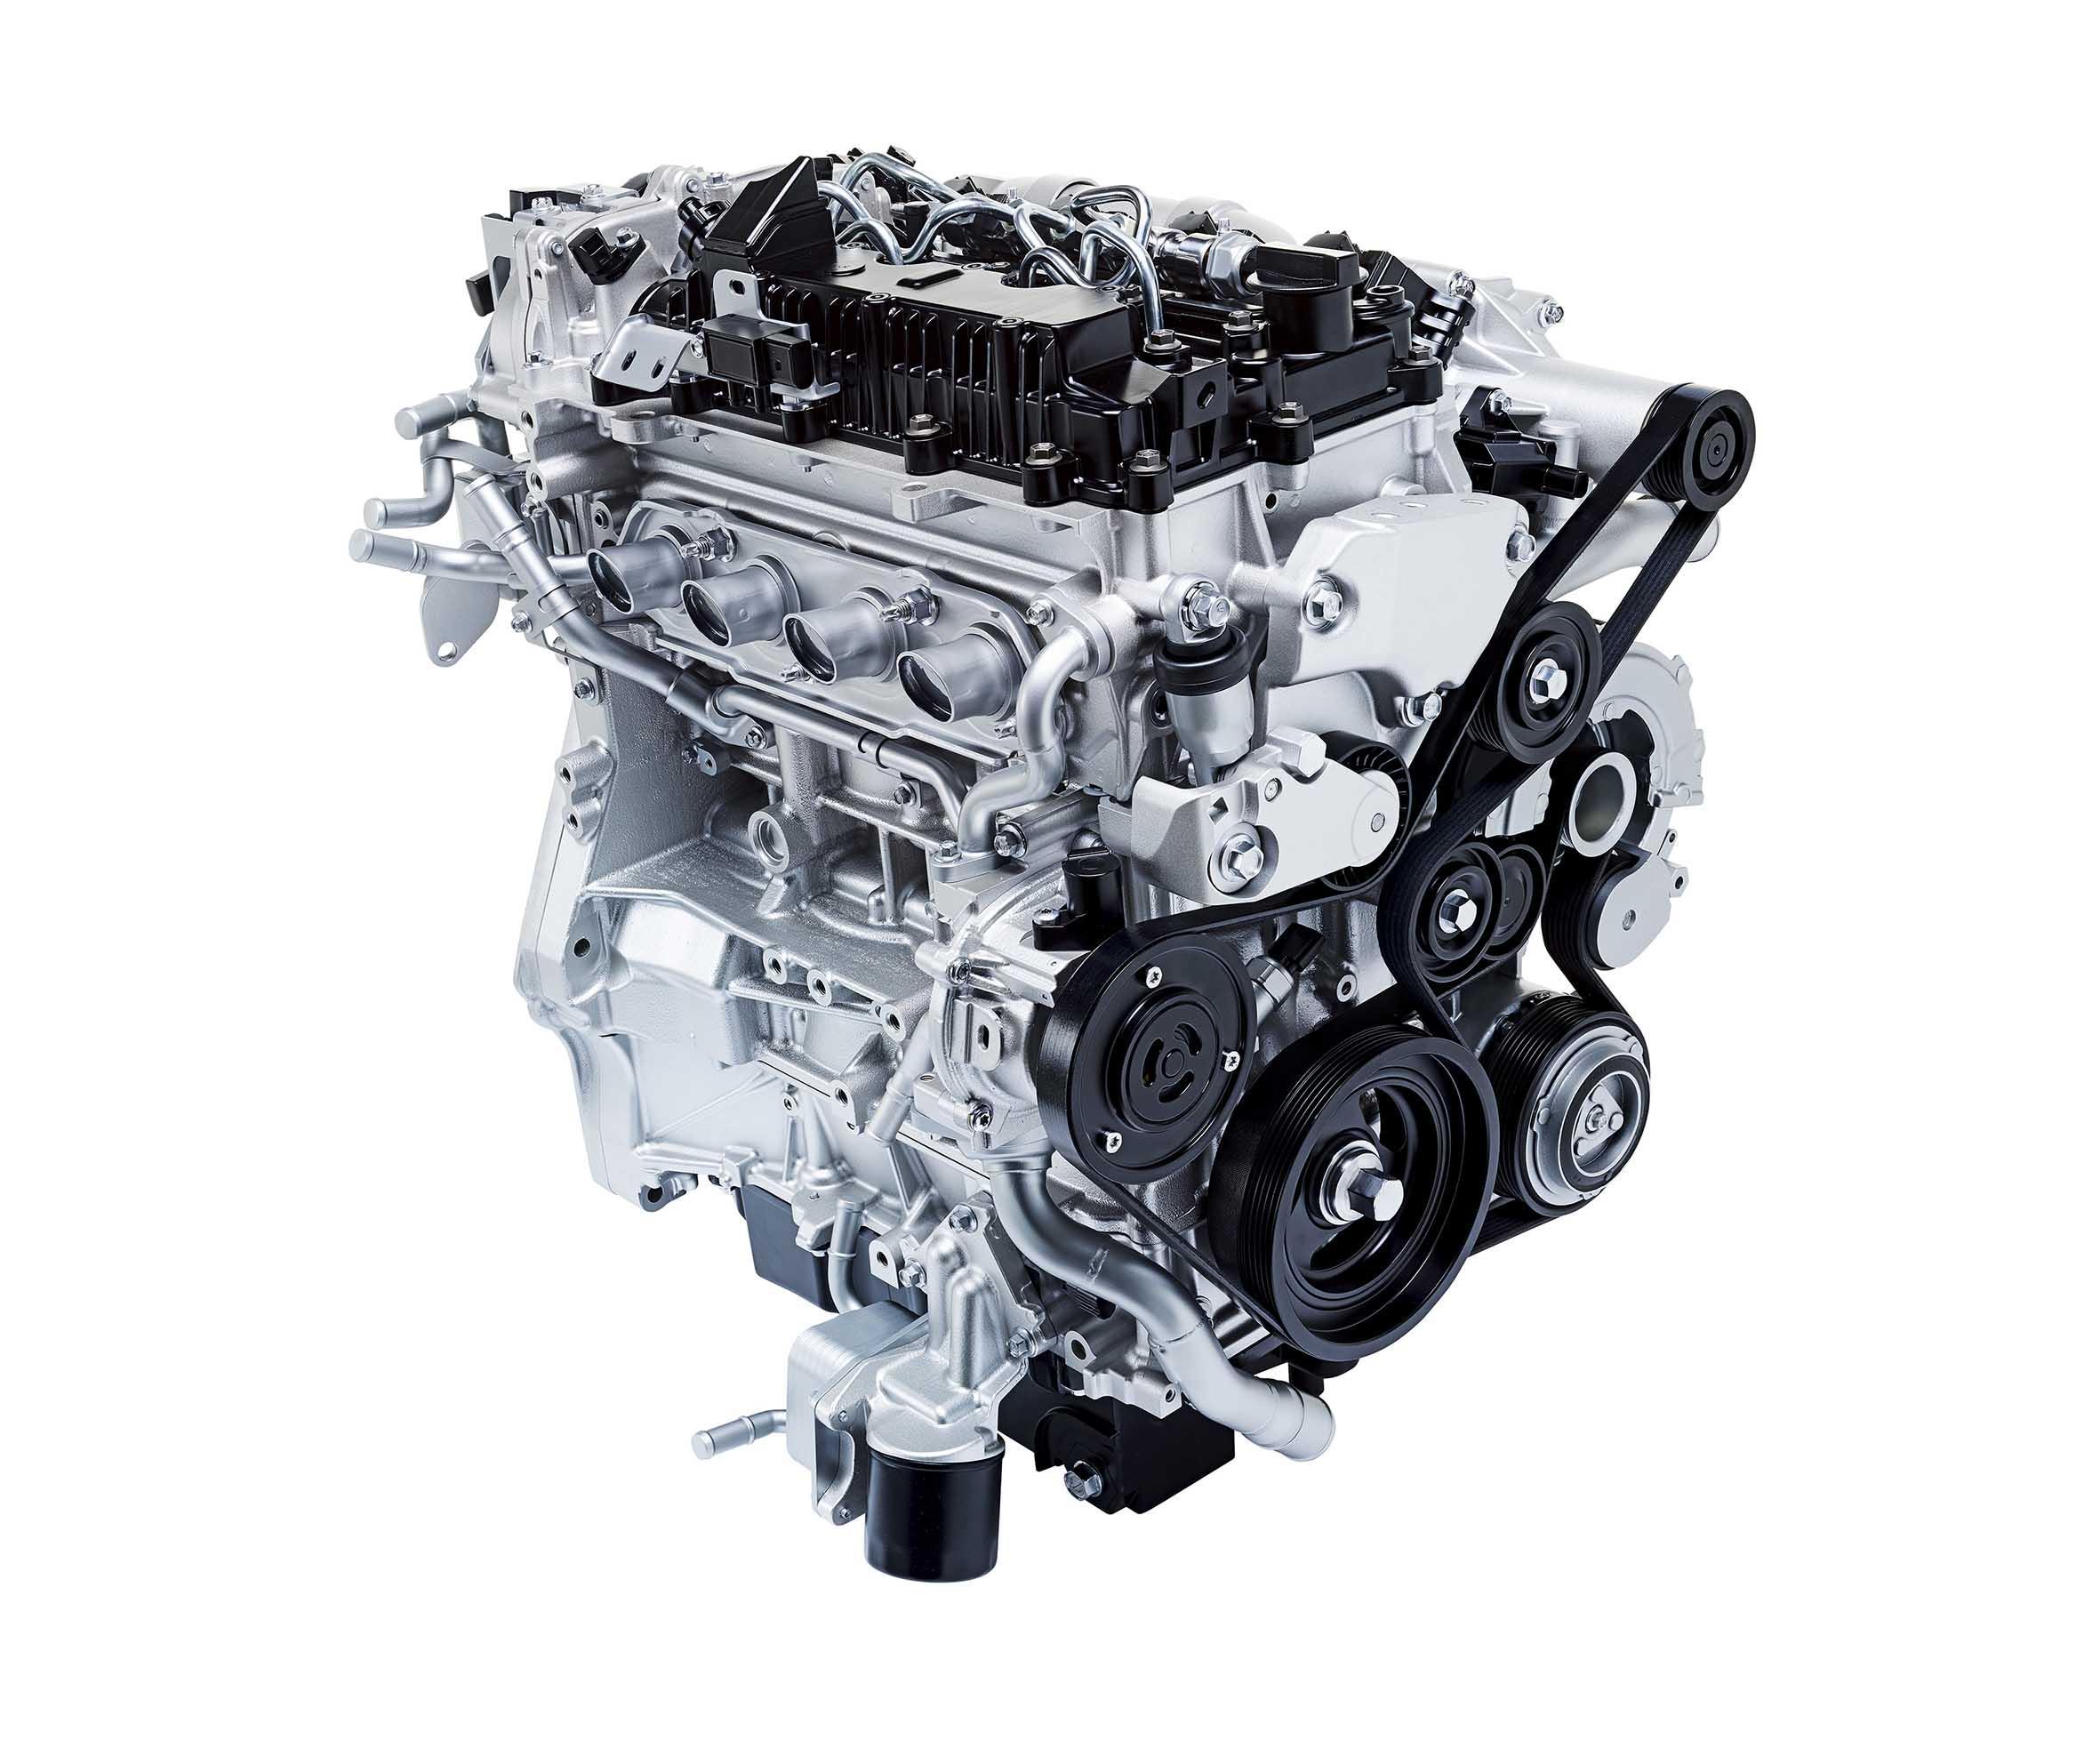 nuovo motore 2.0 Skyactiv-X